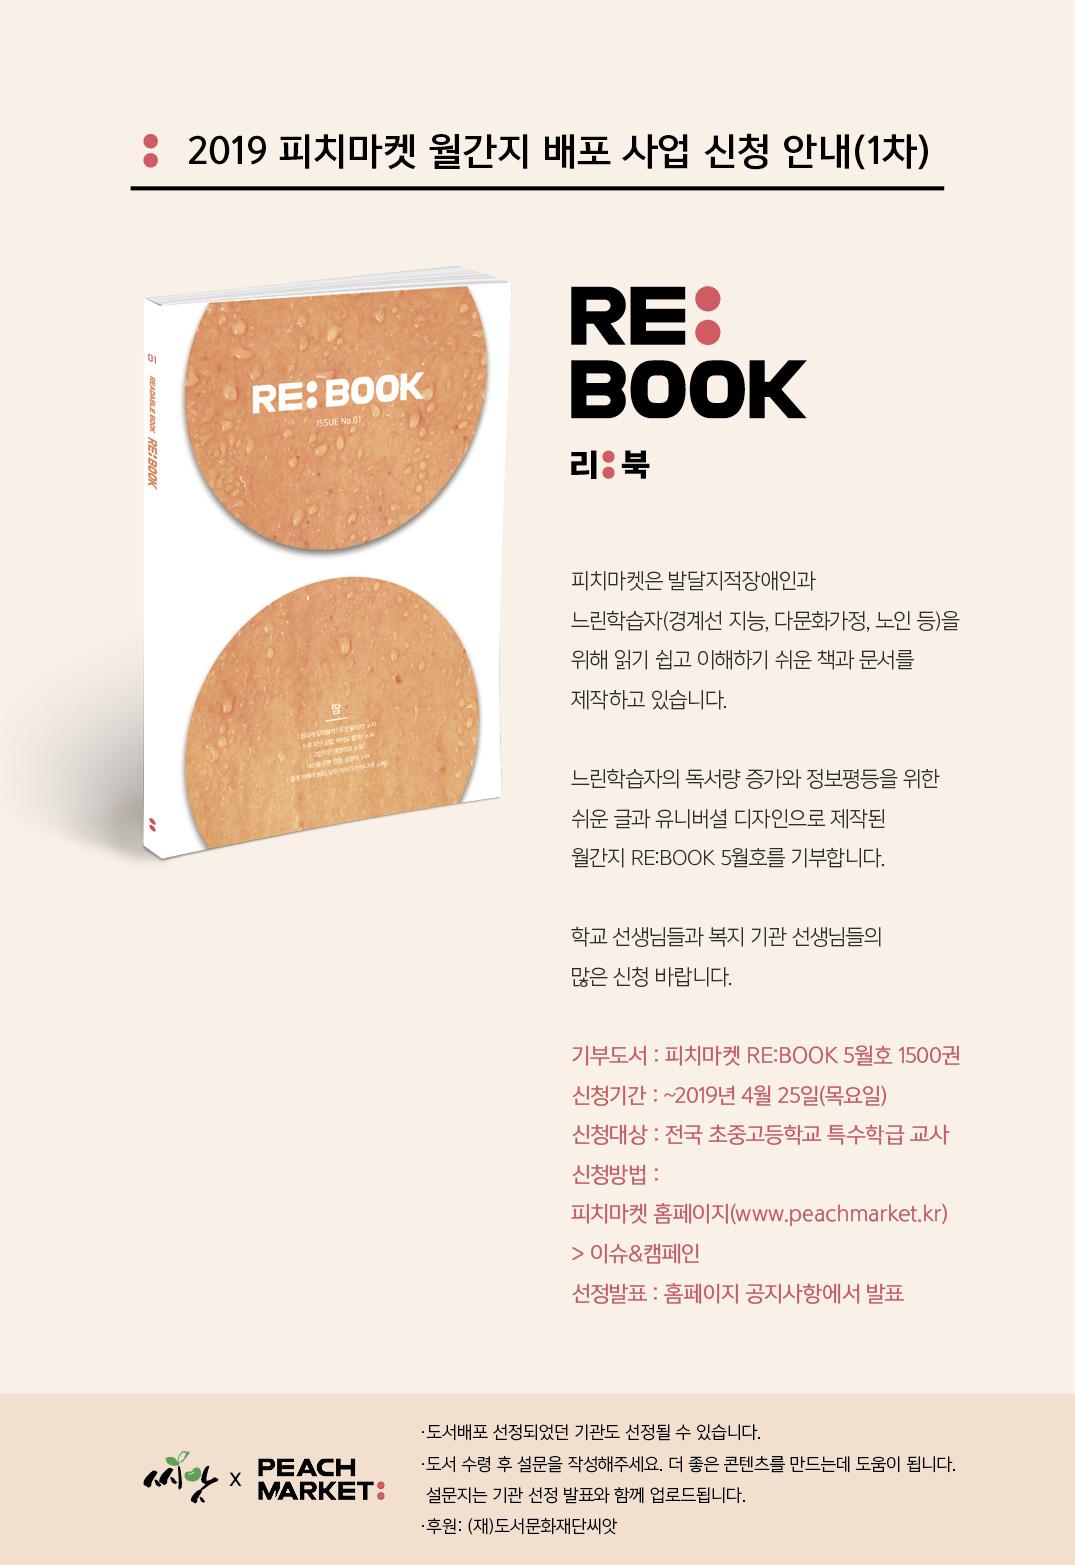 1차) 피치마켓의 쉬운글 독서학습지 RE:BOOK 무료 배포 신청을 받습니다.